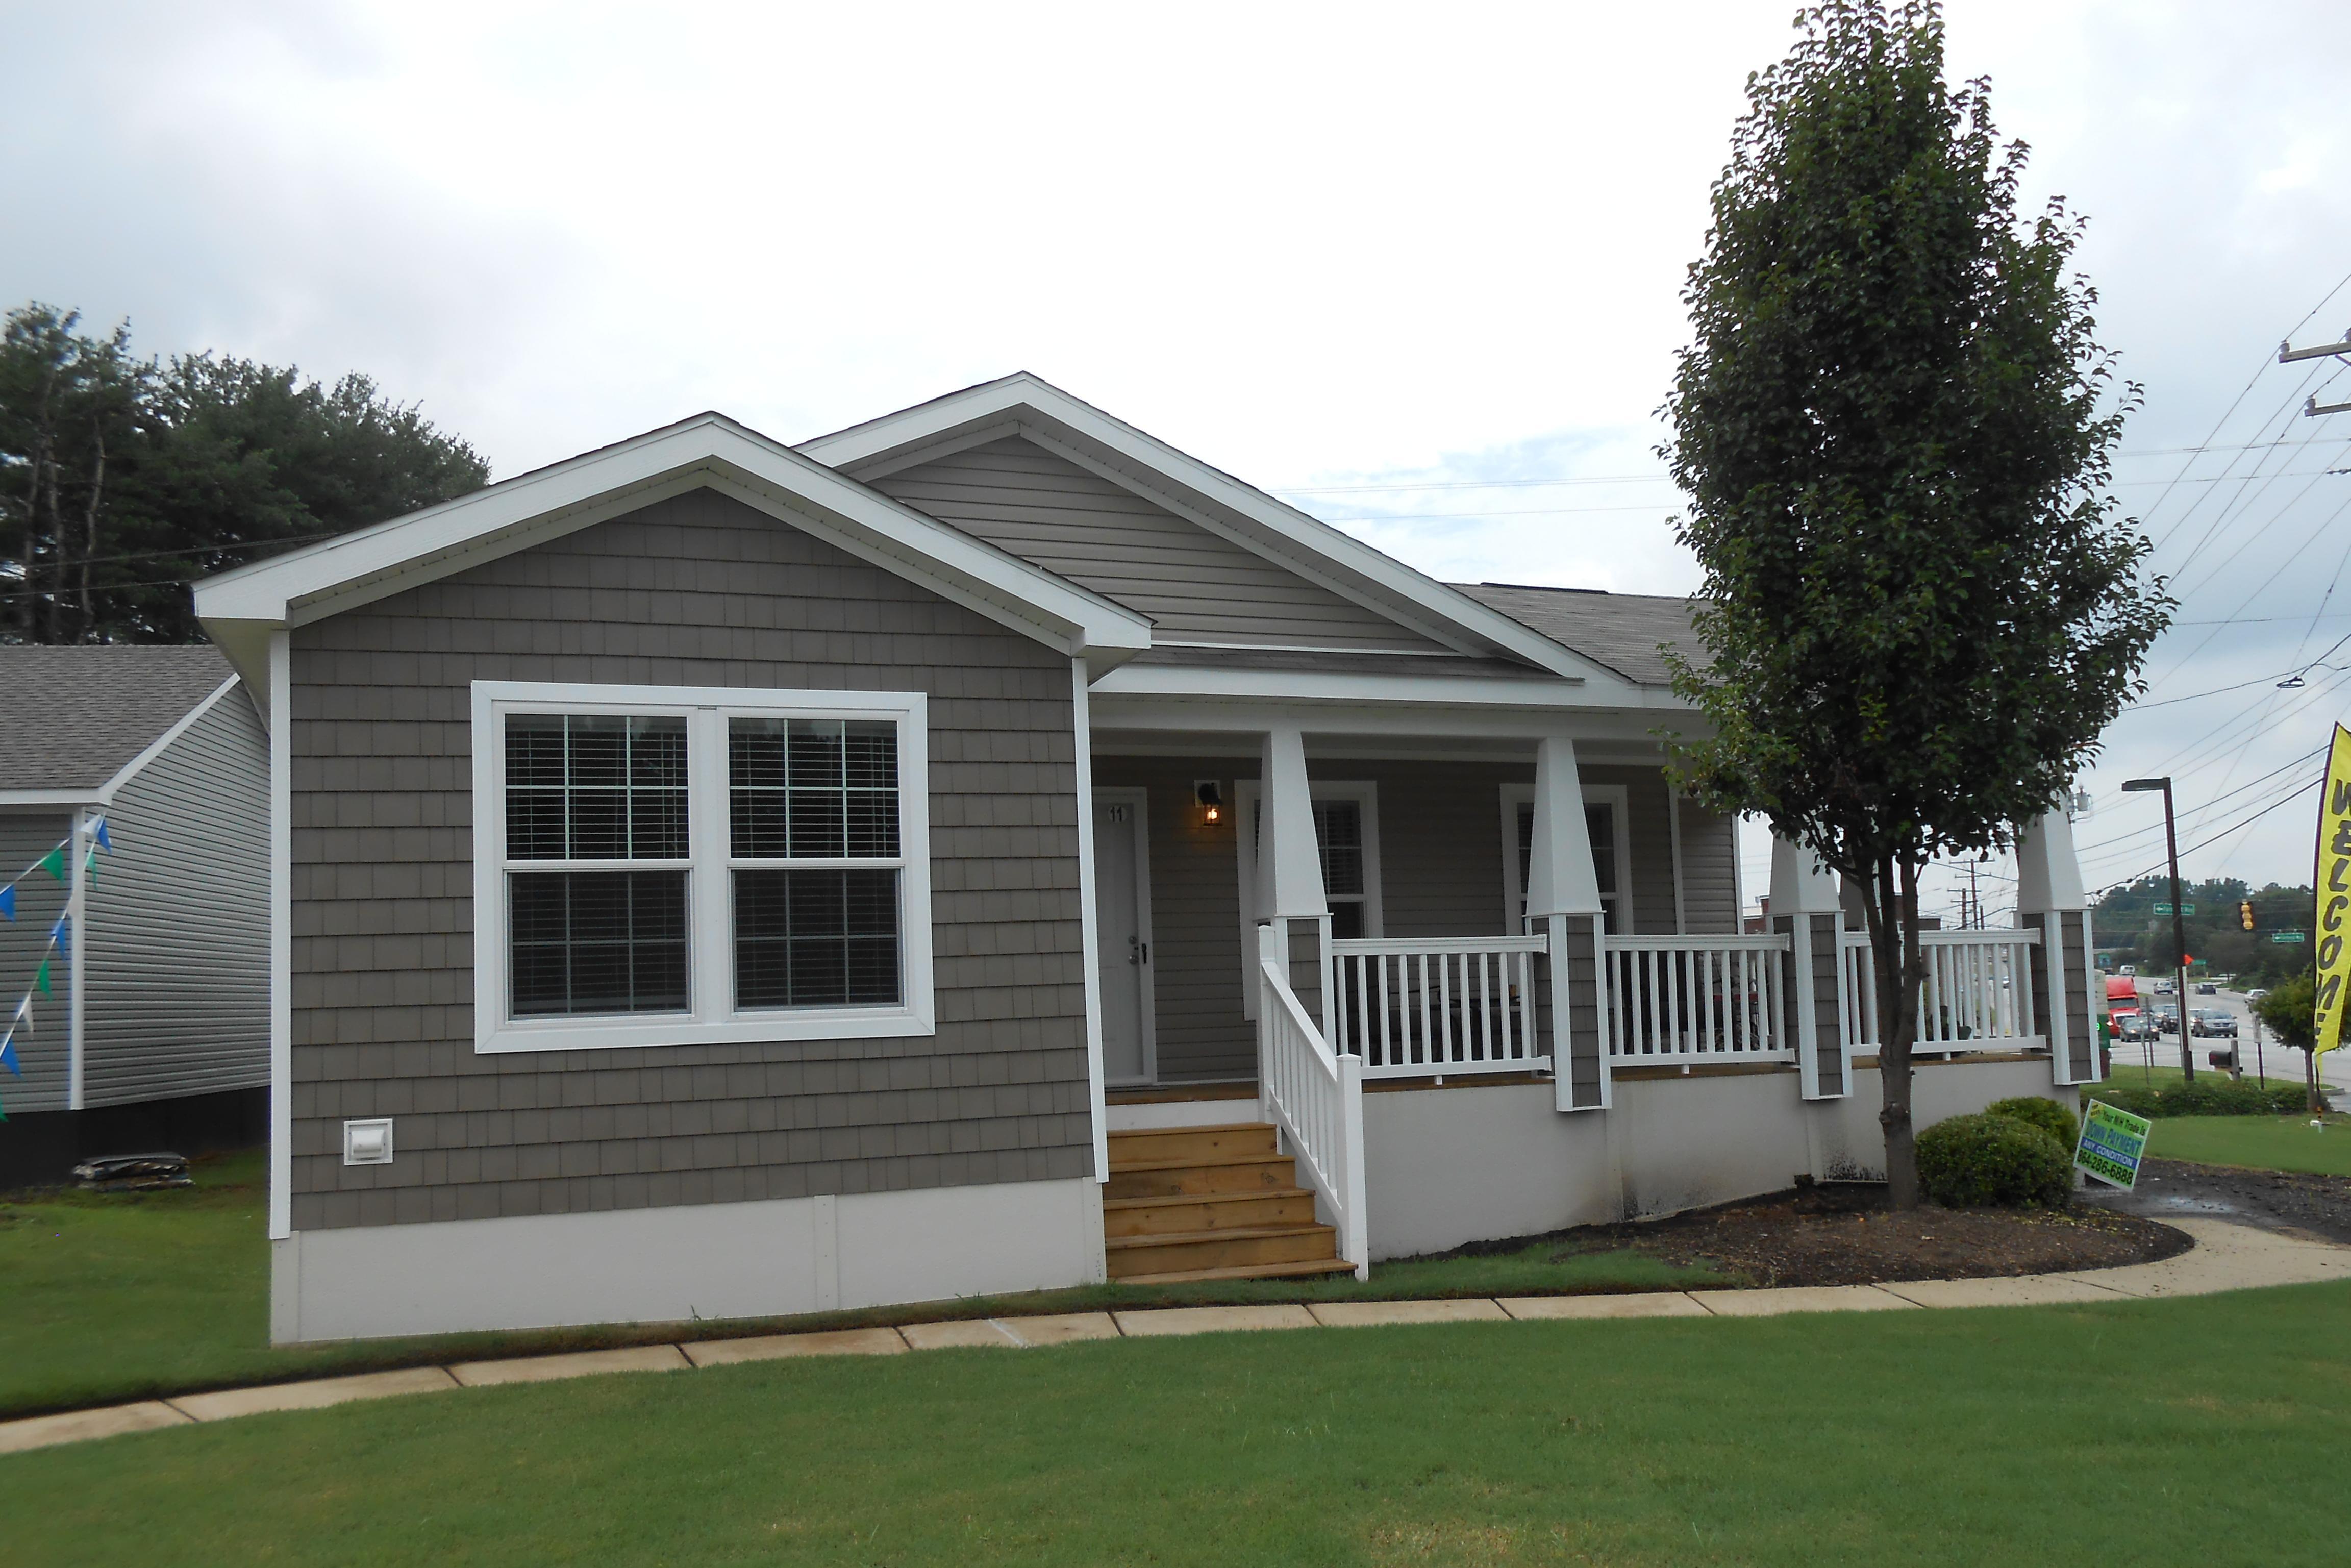 Oakwood homes in greenville sc 864 286 6 for House plans greenville sc